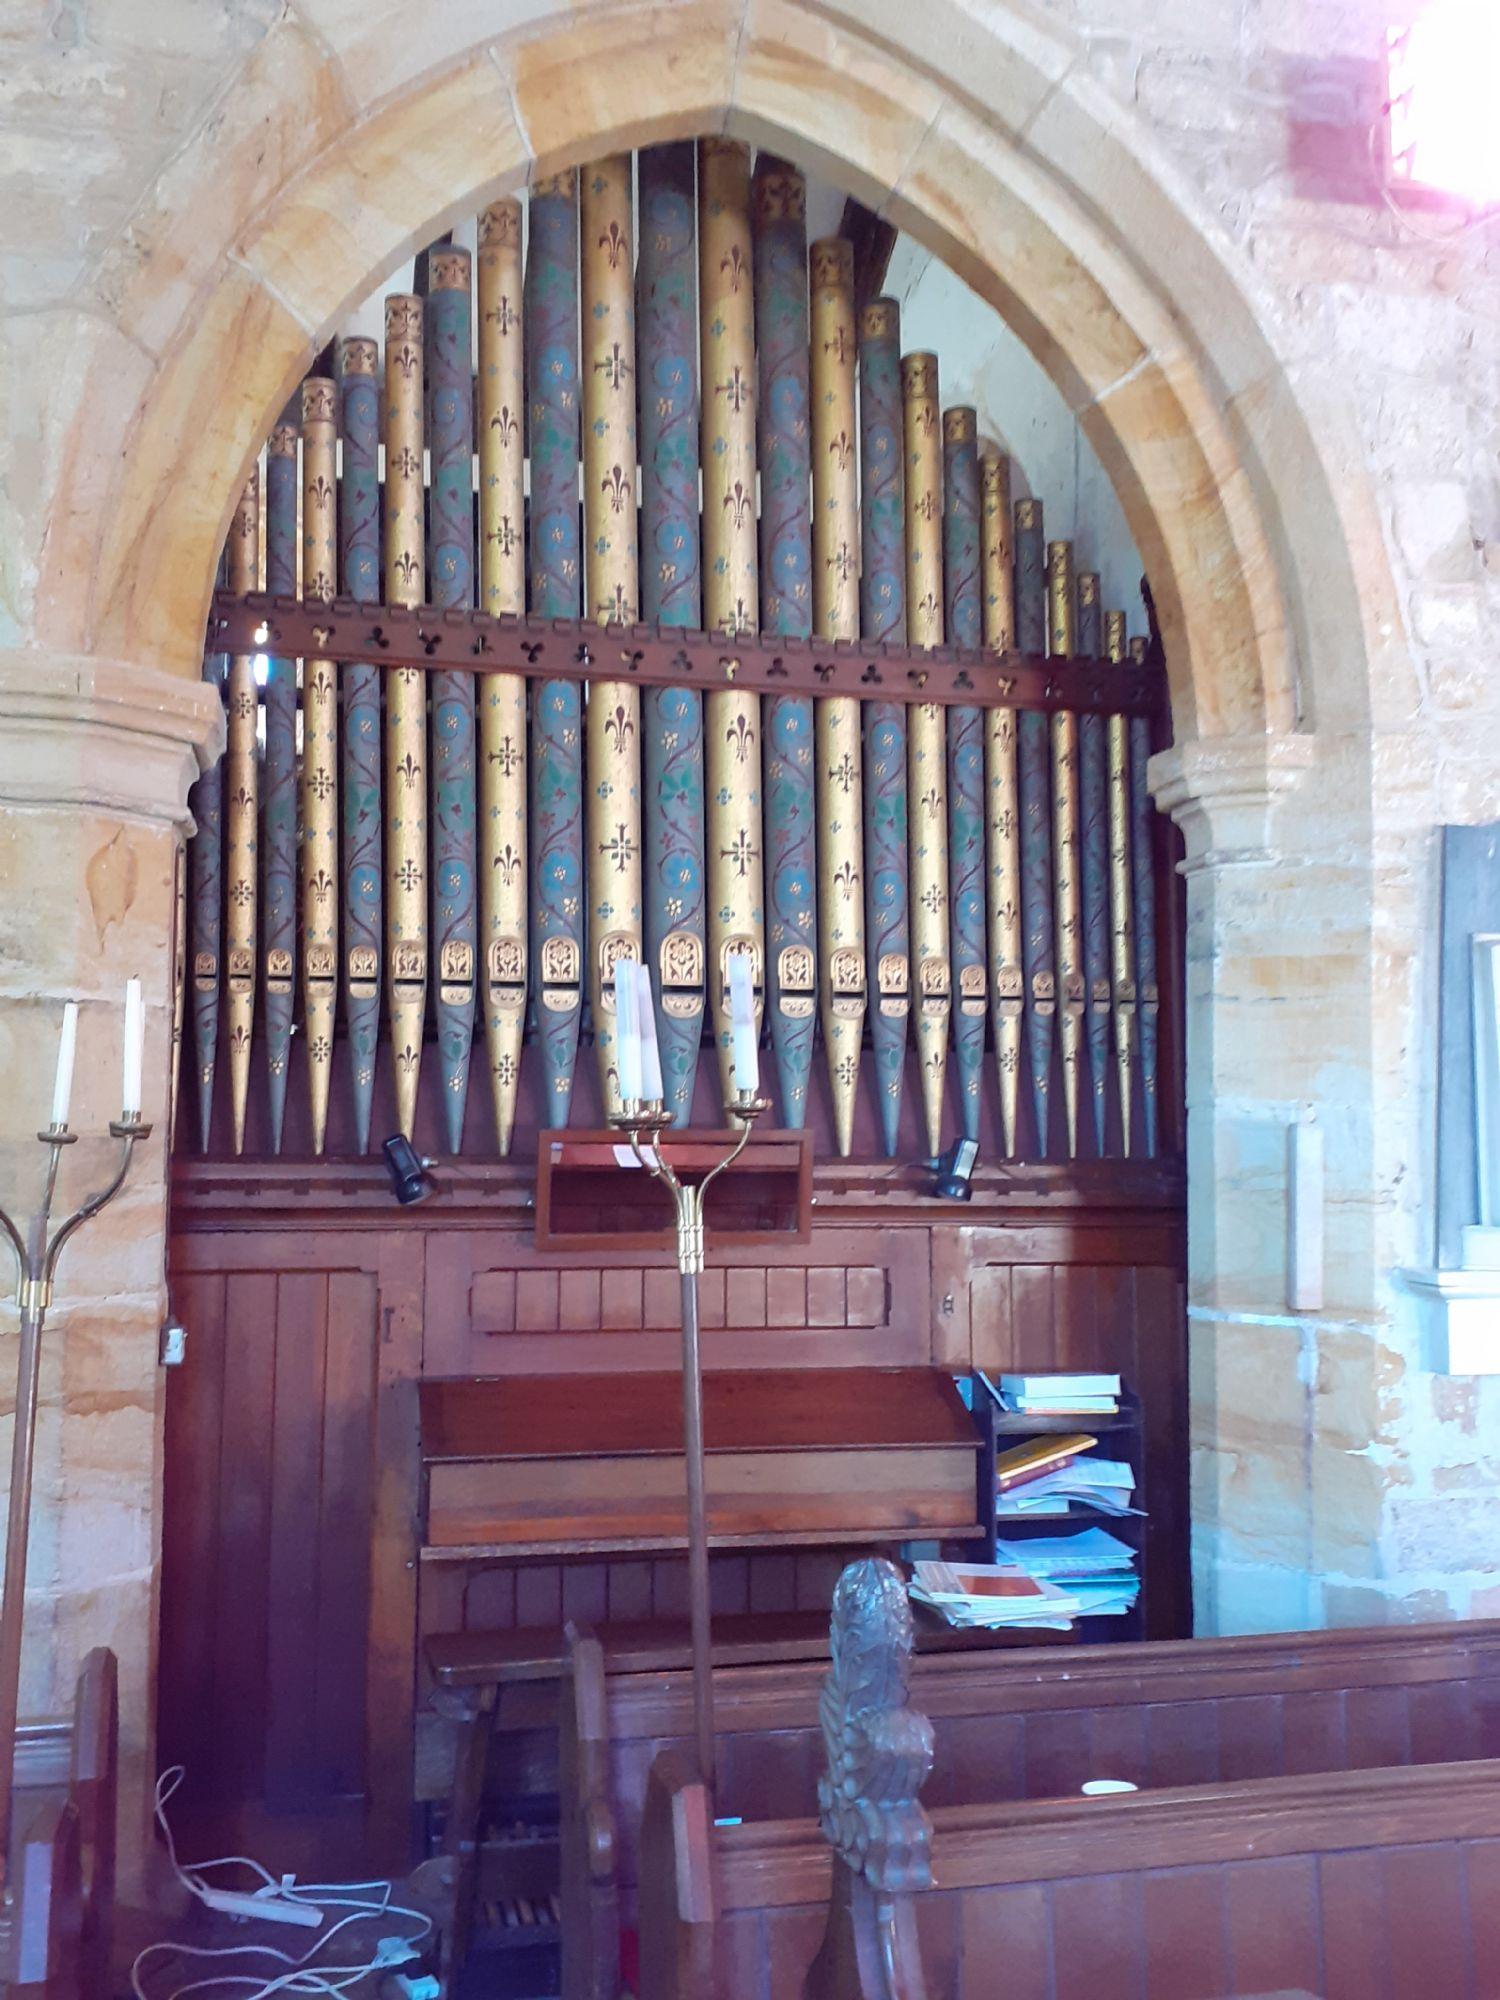 1837 Hill & Sons organ